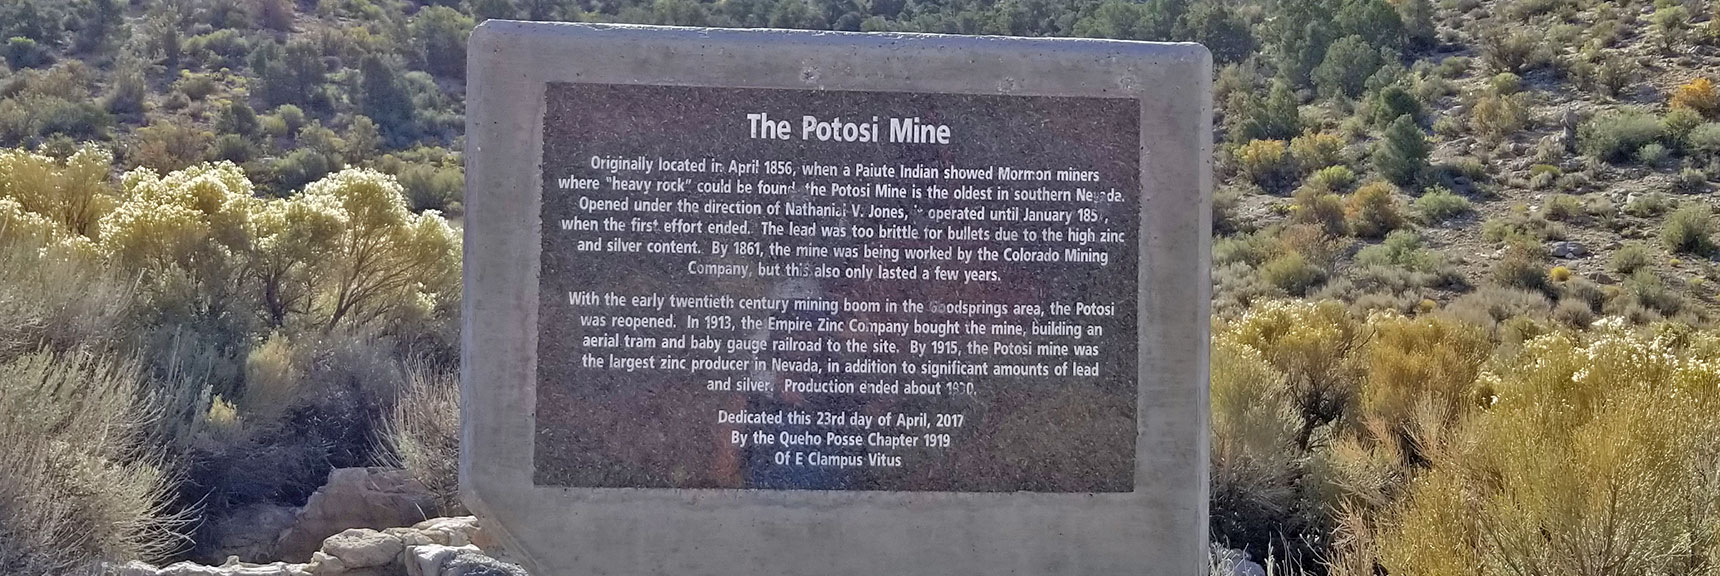 Potosi Spring Area: Old Potosi Mine Site Interpretive Sign   Potosi Mountain Northwestern Approach, Spring Mountains, Nevada